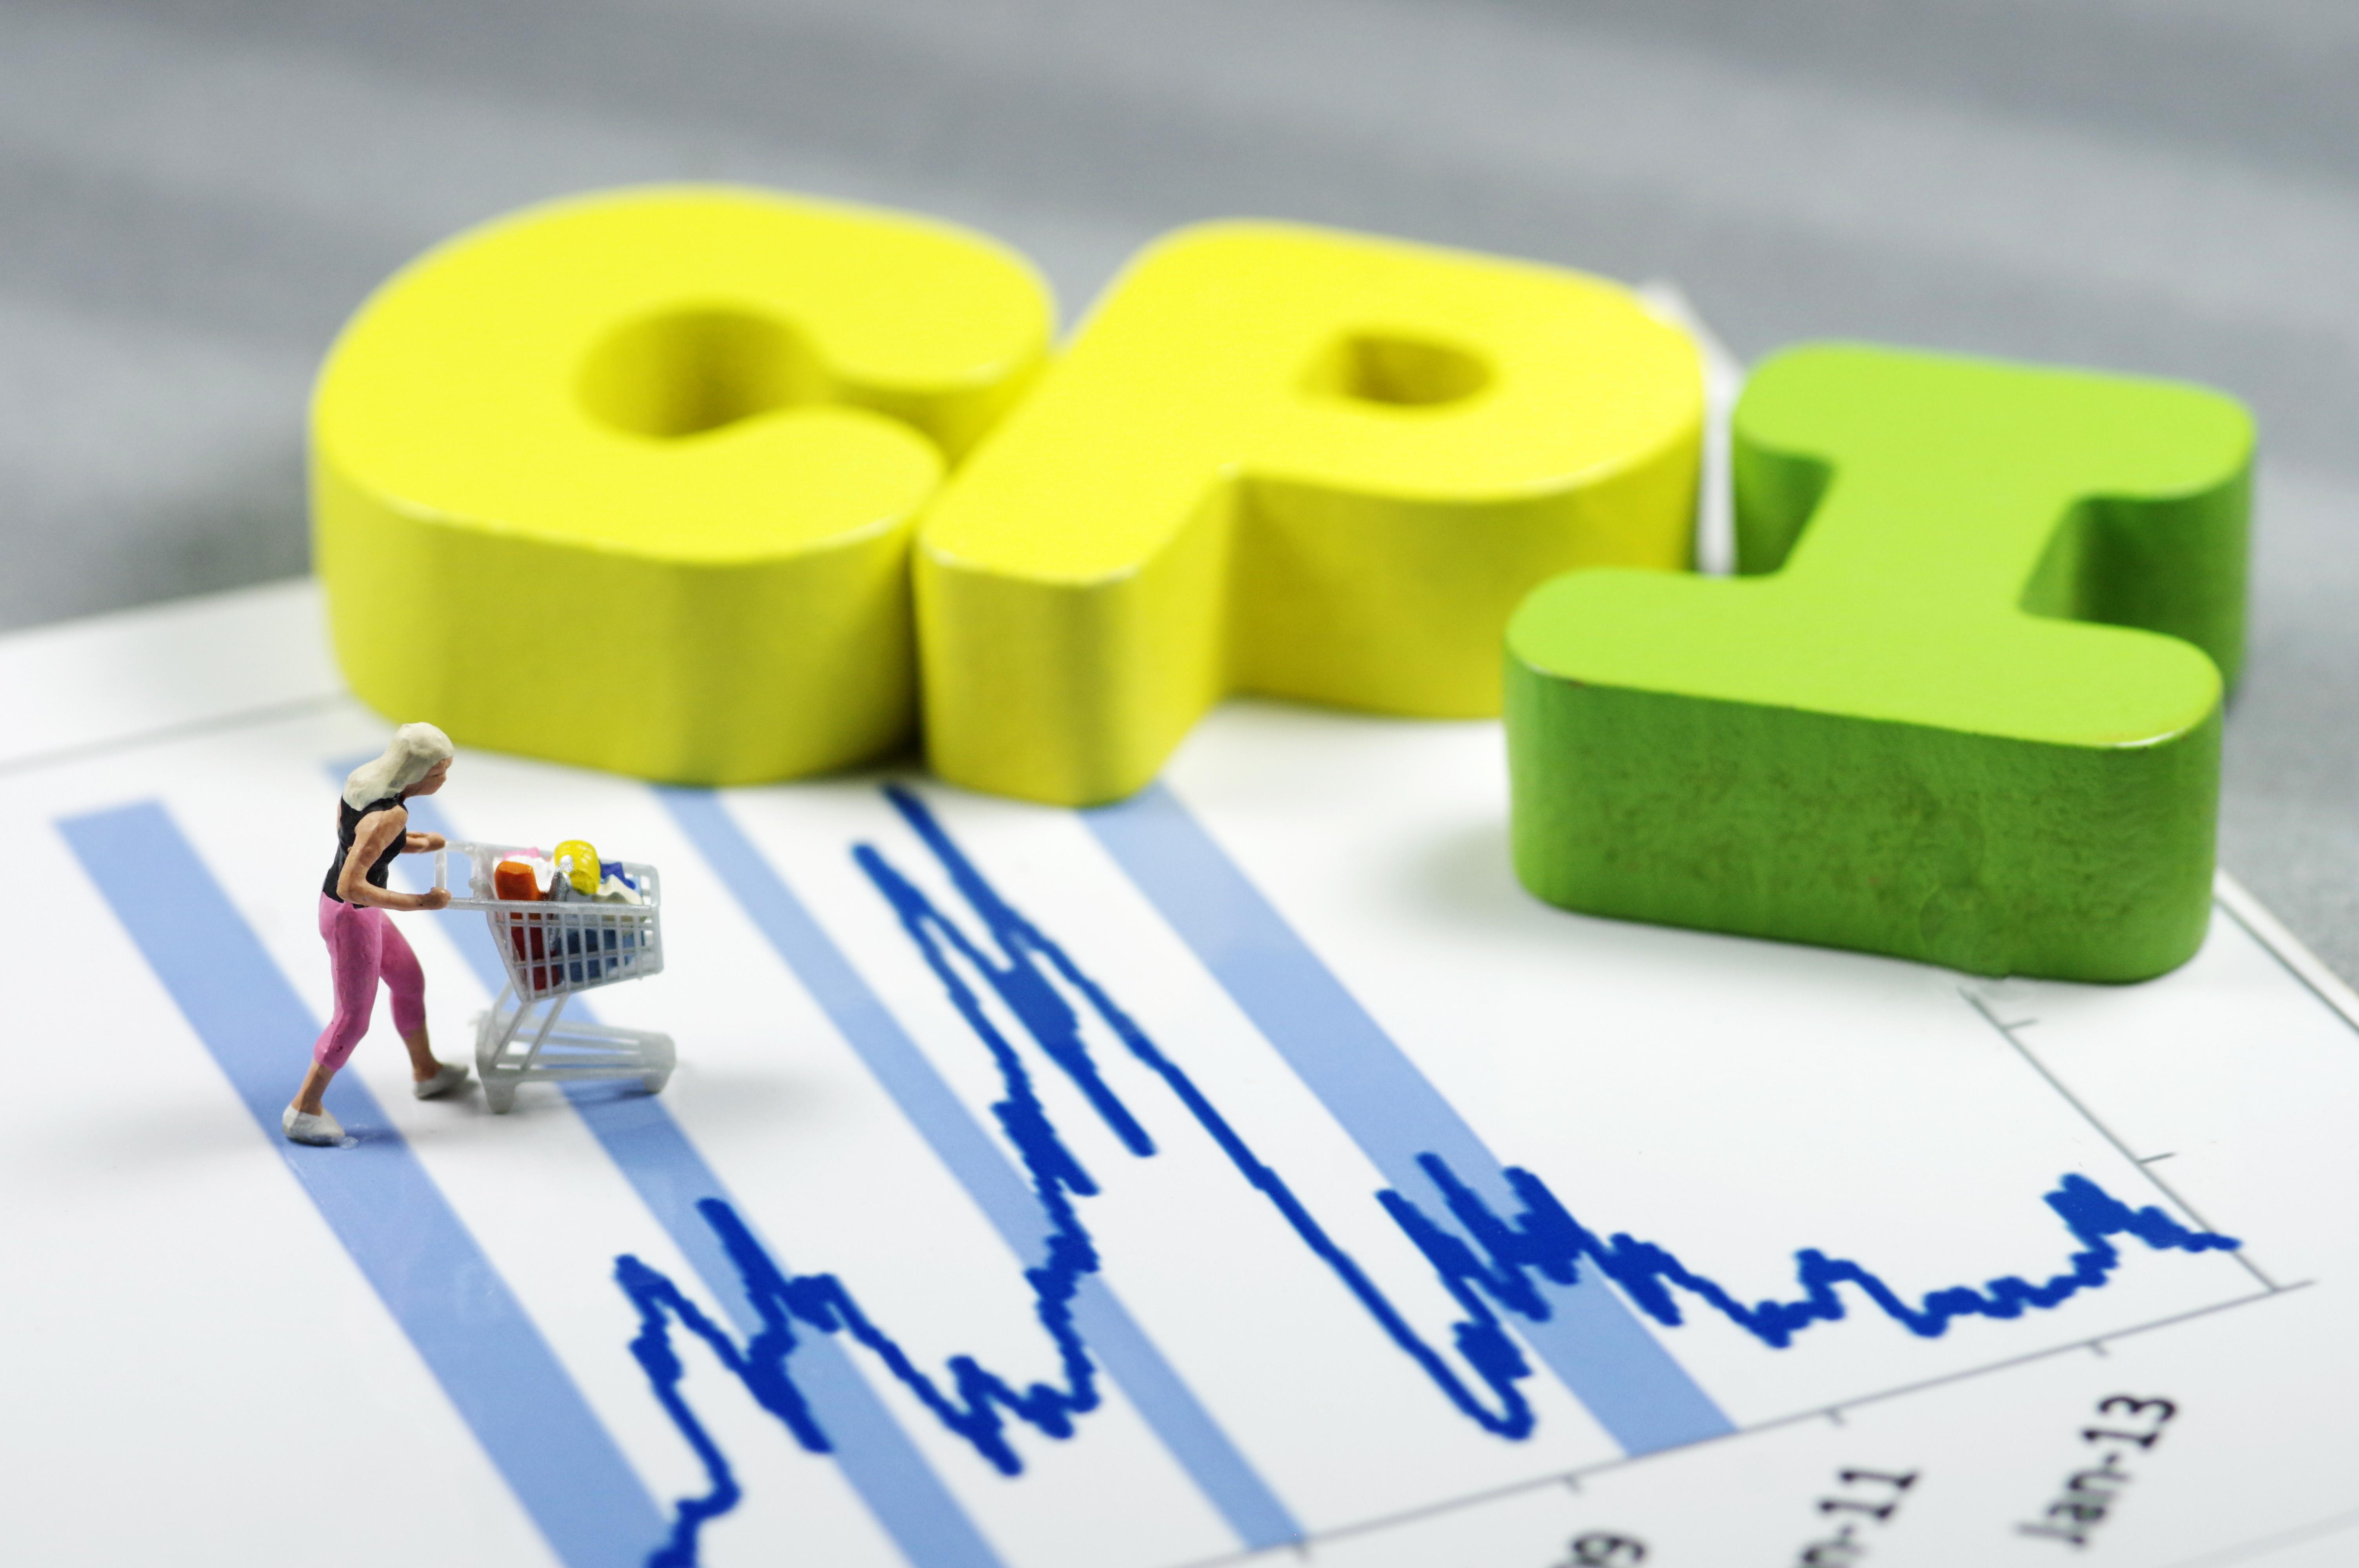 【兴证宏观】3月通胀数据点评:猪价走强对CPI有压力,但仍受对冲